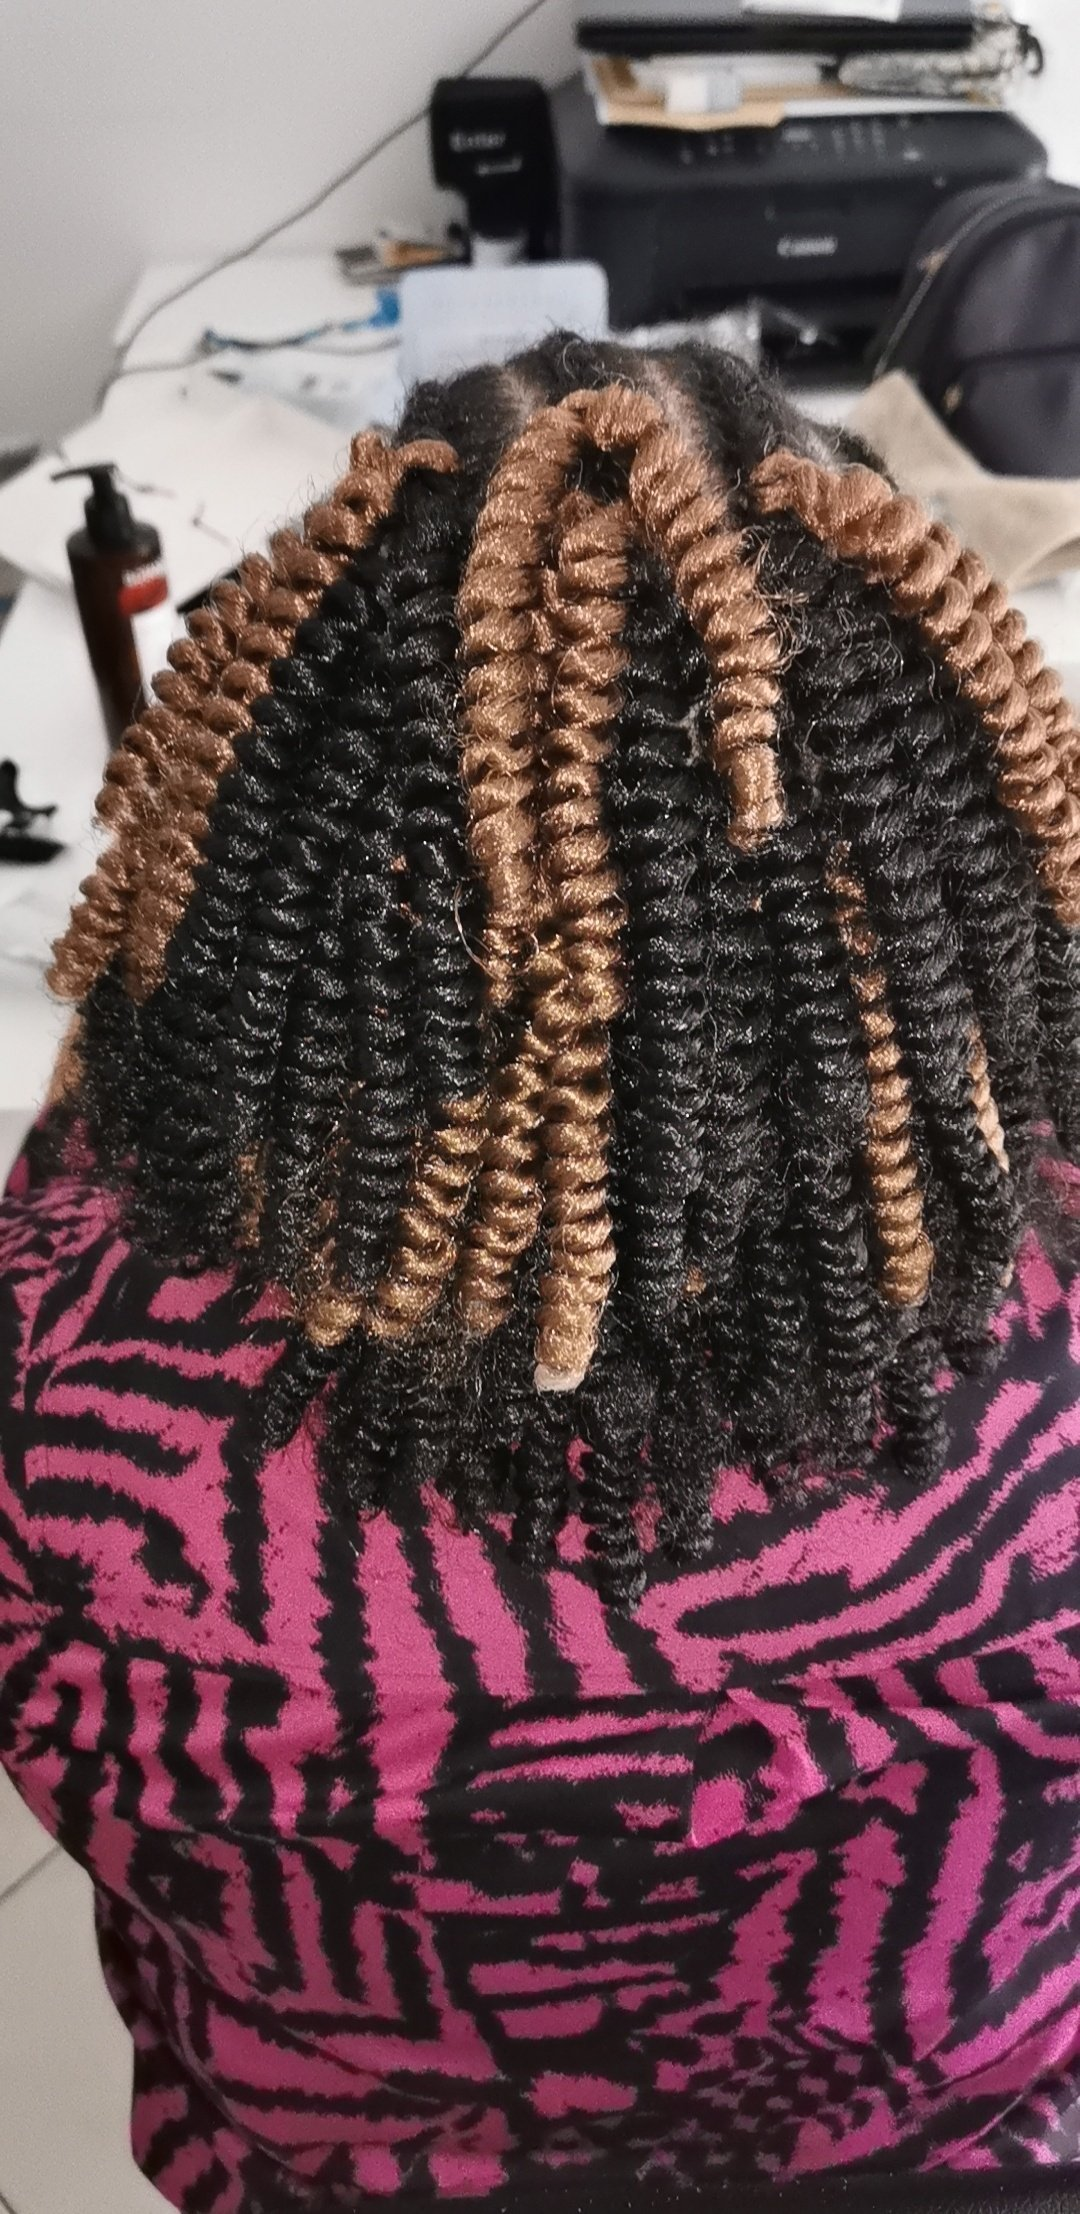 salon de coiffure afro tresse tresses box braids crochet braids vanilles tissages paris 75 77 78 91 92 93 94 95 QBBQODKE